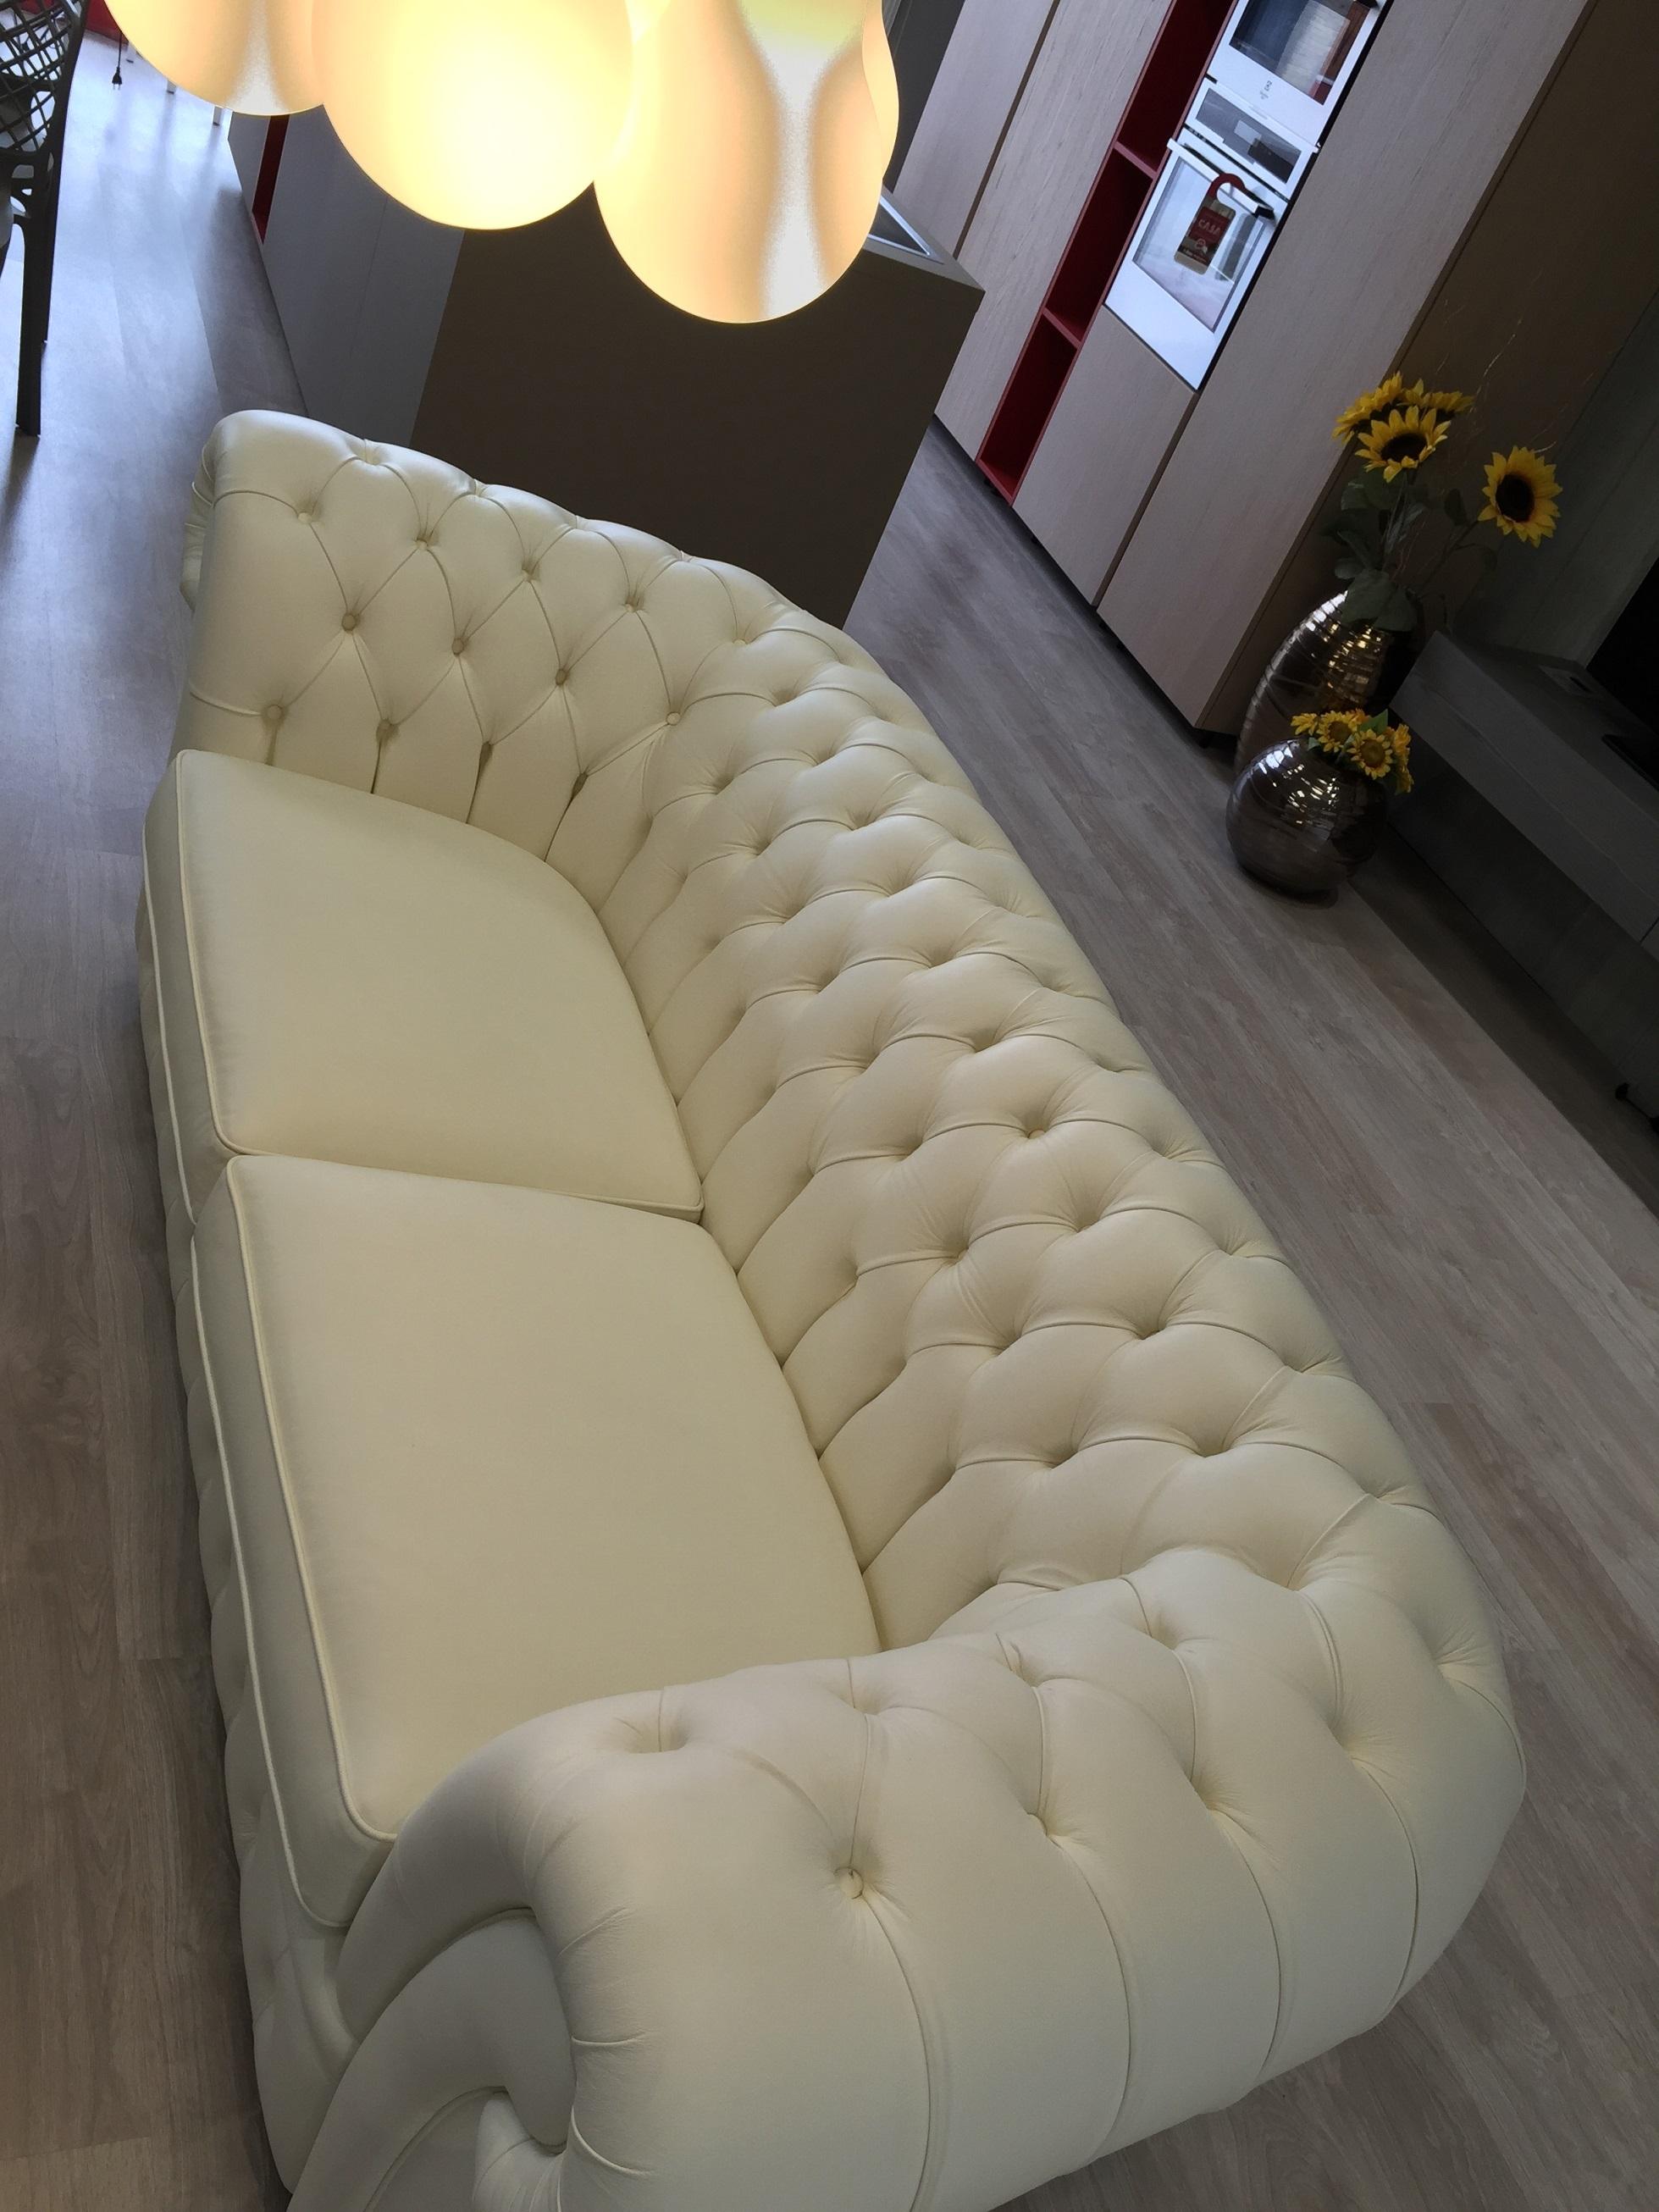 Come pulire divano pelle affordable elegant i divani in pelle come tutti gli articoli hanno dei - Pulire divano alcantara ...